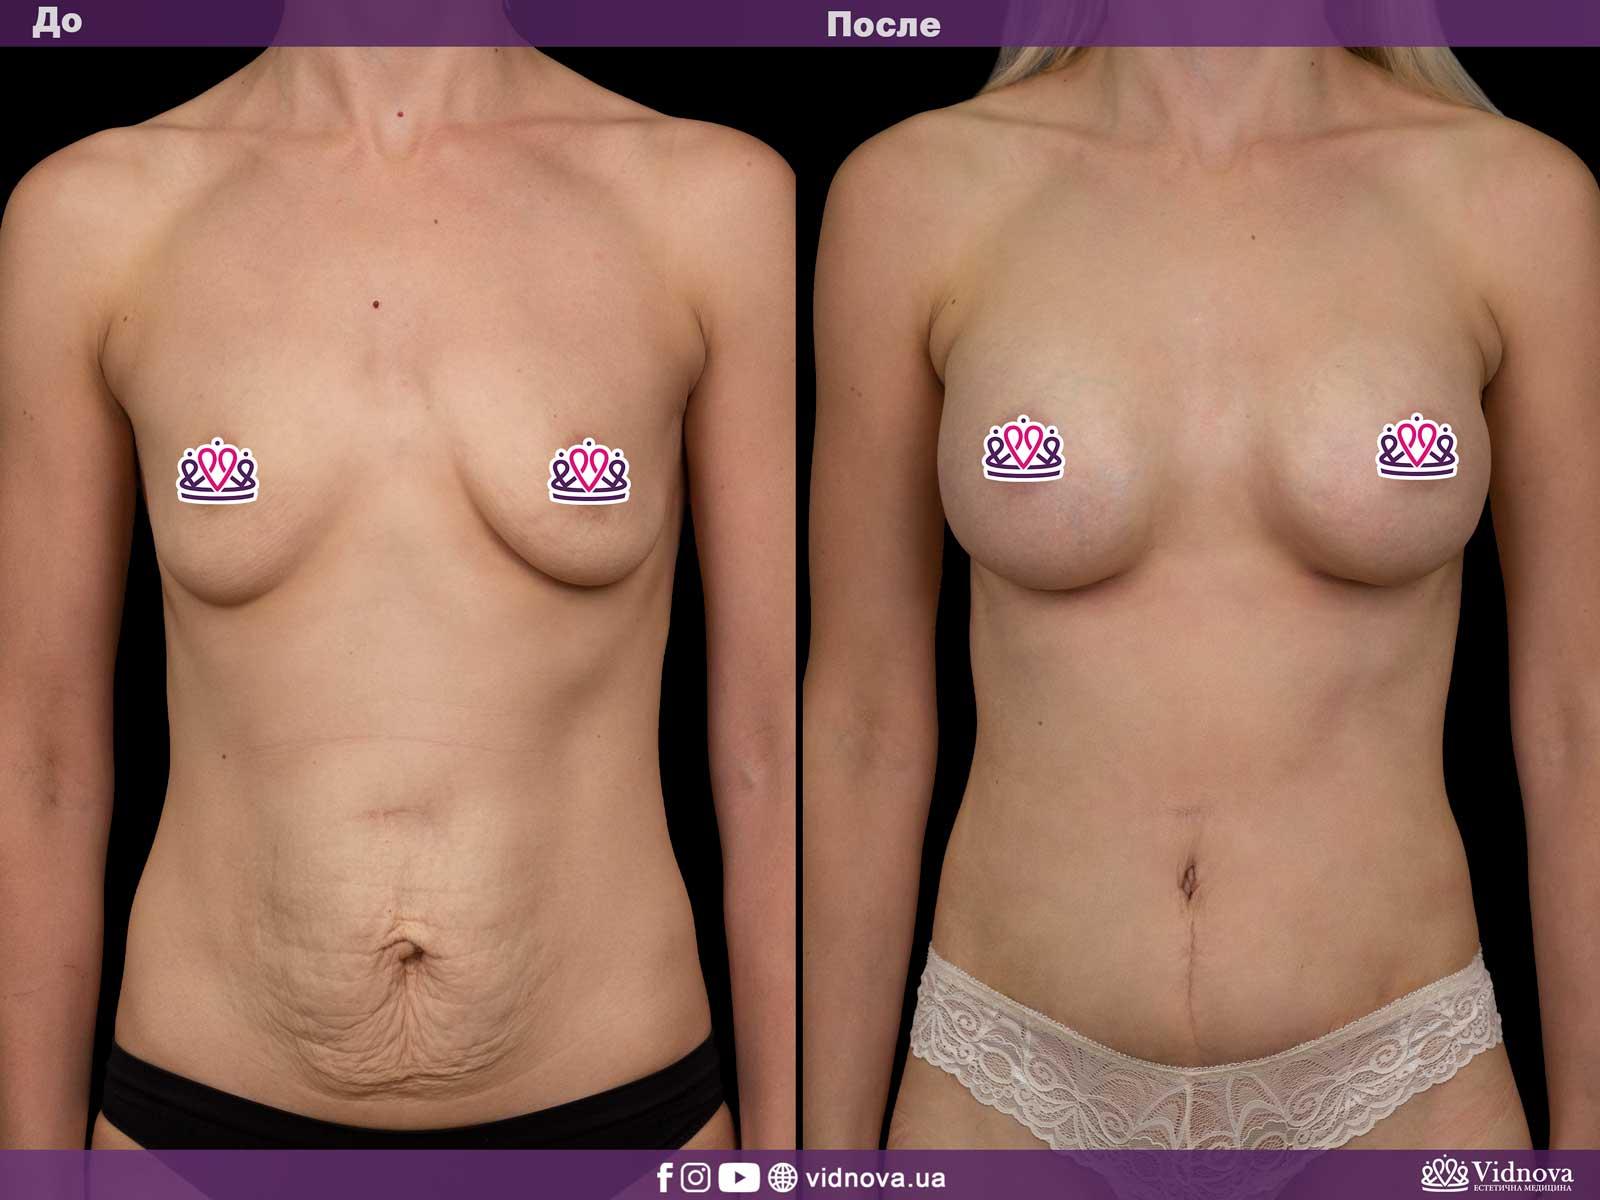 Совмещенные операции: Фото До и После - Пример №2-2 - Клиника Vidnova